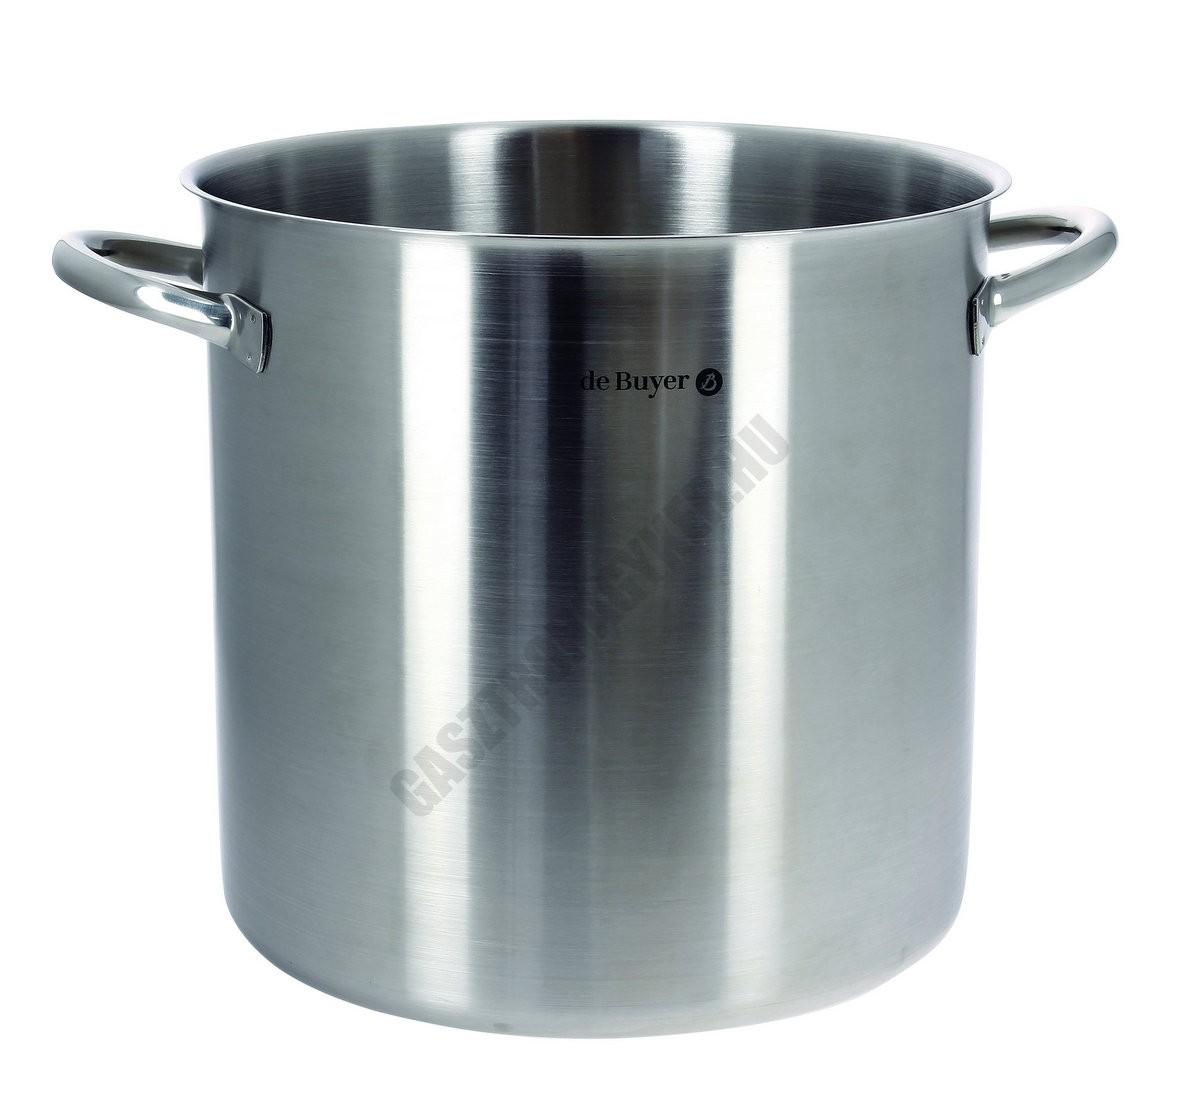 Fazék, 36 liter, de Buyer, 36 cm átmérő, 18/10 rozsdamentes  indukciós